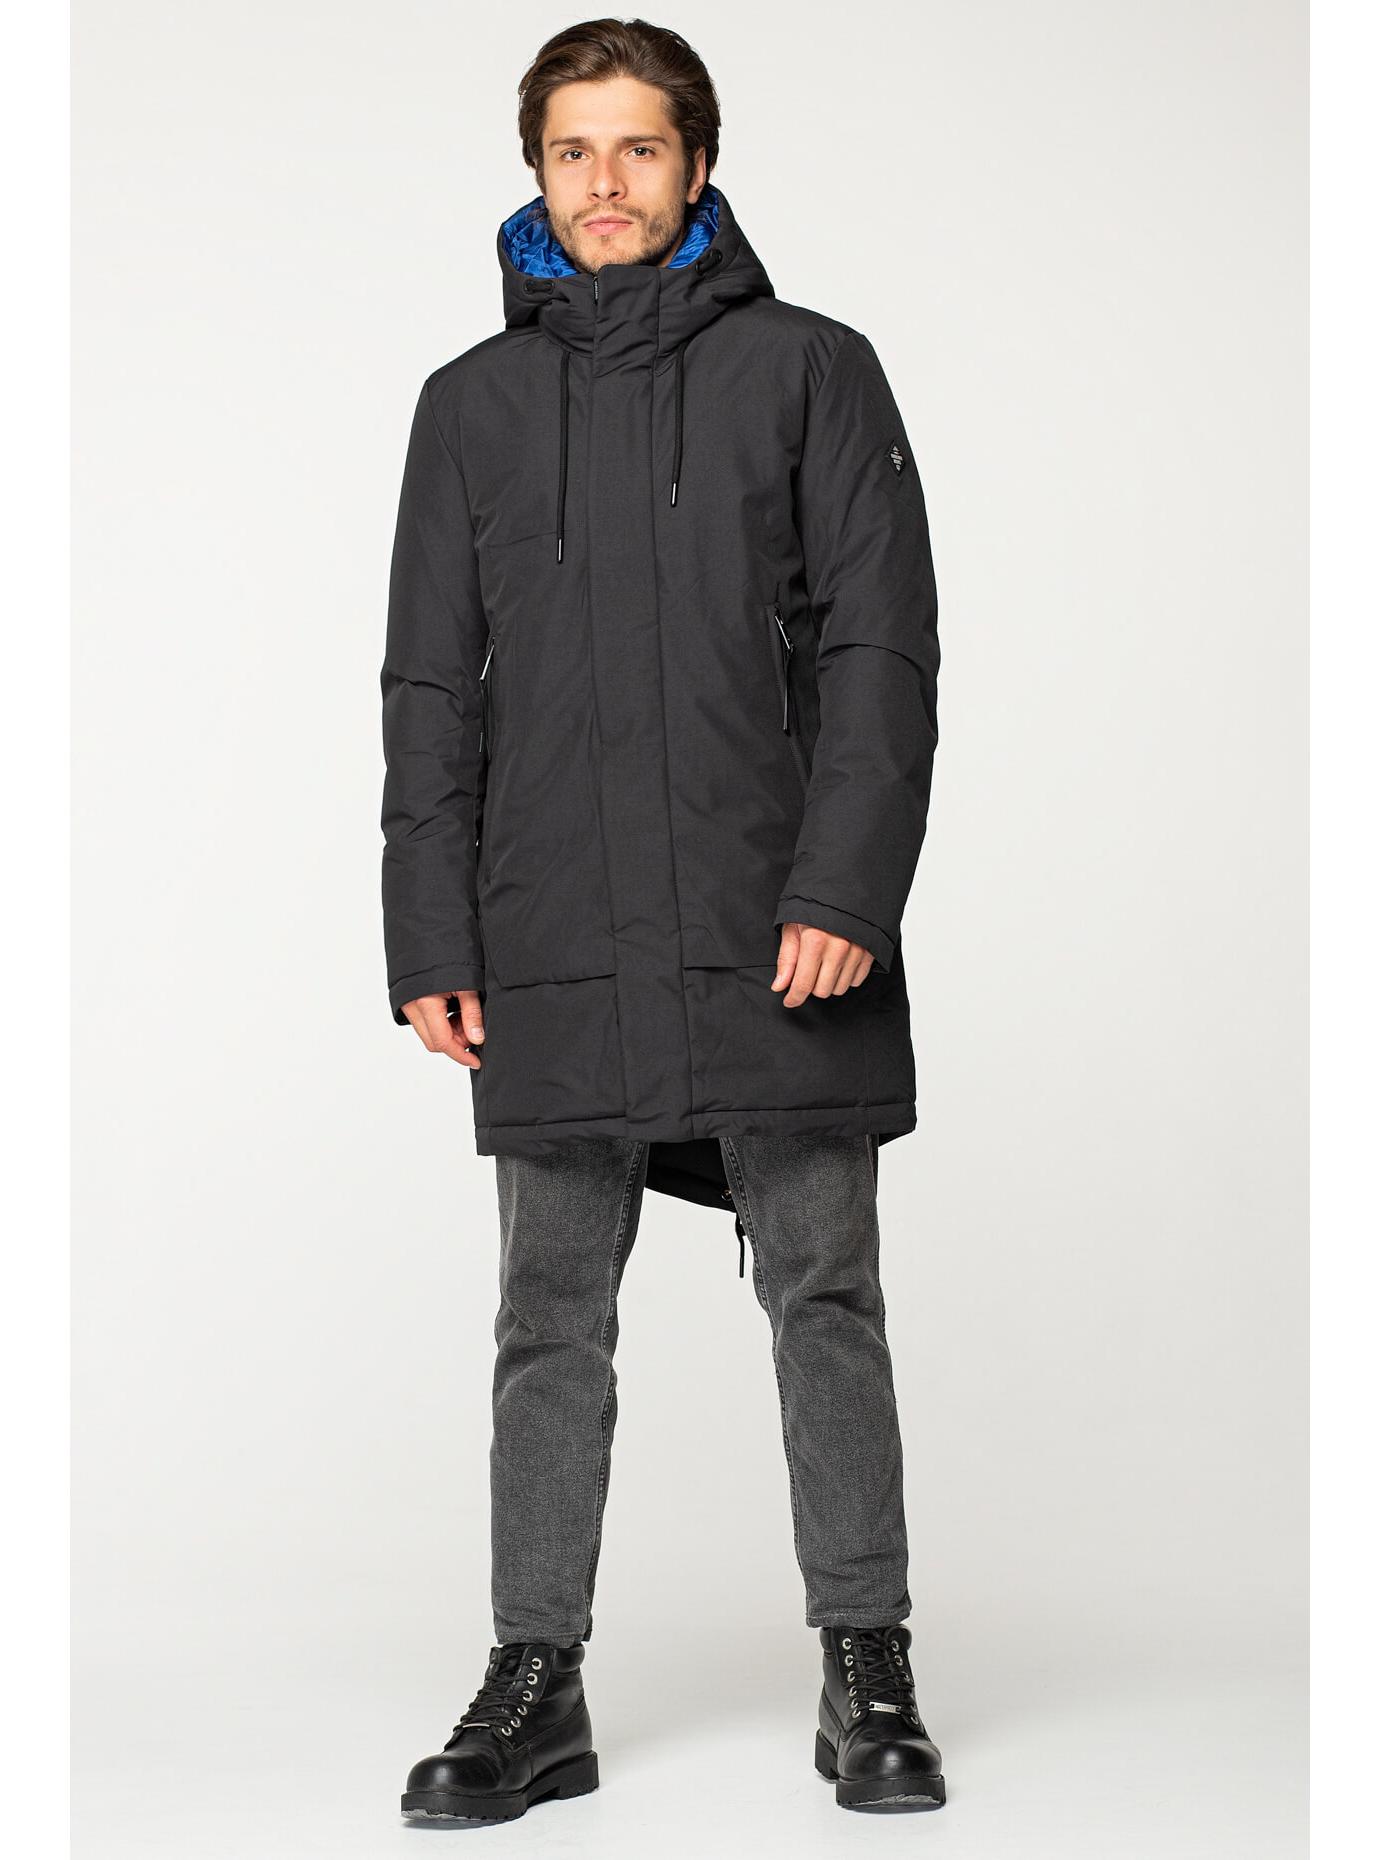 Мужская зимняя куртка с капюшоном Чёрный S (02-MV1901): фото - Alster.ua